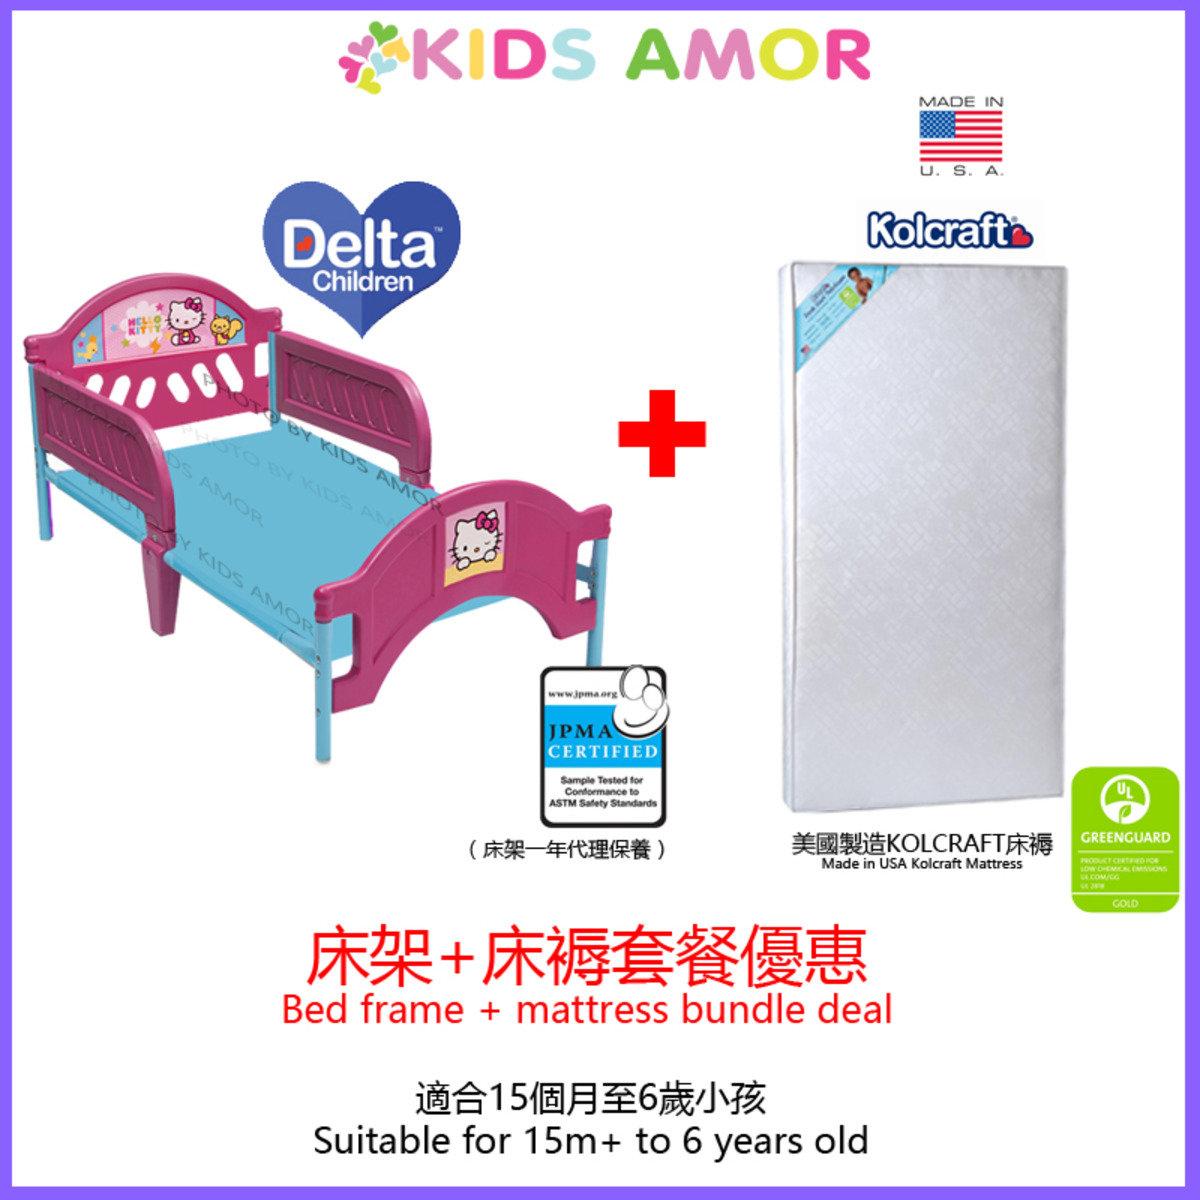 [套餐] HELLO KITTY兒童床架 + 美國製造 Kolcraft 床褥